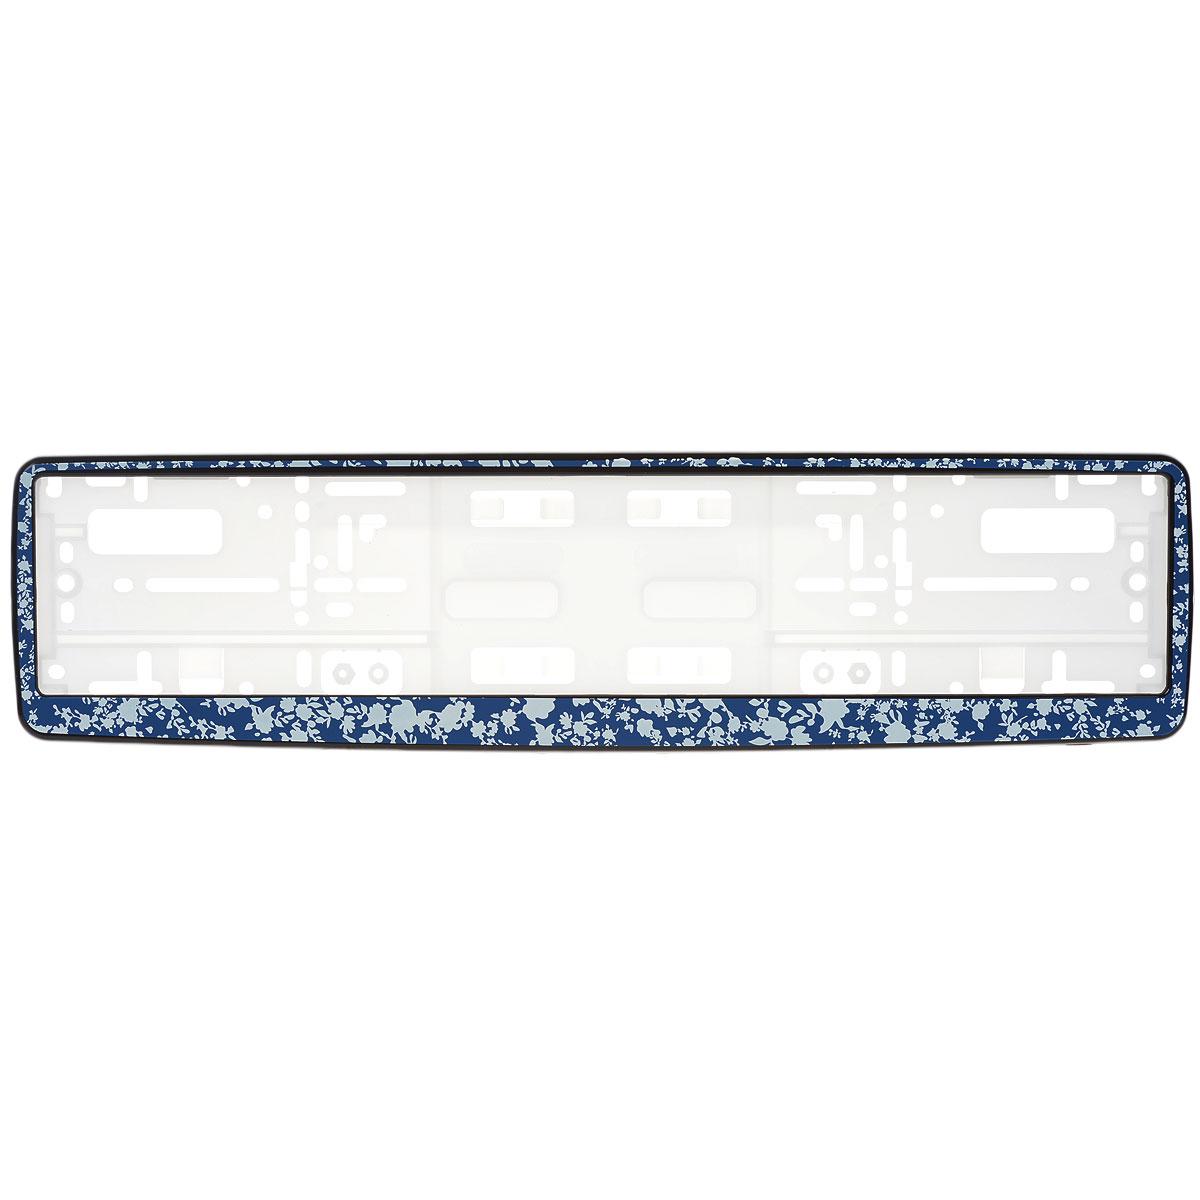 Рамка под номер Синие цветыЗ0000014184Рамка Синие цветы не только закрепит регистрационный знак на вашем автомобиле, но и красиво его оформит. Основание рамки выполнено из полипропилена, материал лицевой панели - пластик. Она предназначена для крепления регистрационного знака российского и европейского образца, декорирована орнаментом. Устанавливается на все типы автомобилей. Крепления в комплект не входят. Стильный дизайн идеально впишется в экстерьер вашего автомобиля. Размер рамки: 53,5 см х 13,5 см. Размер регистрационного знака: 52,5 см х 11,5 см.